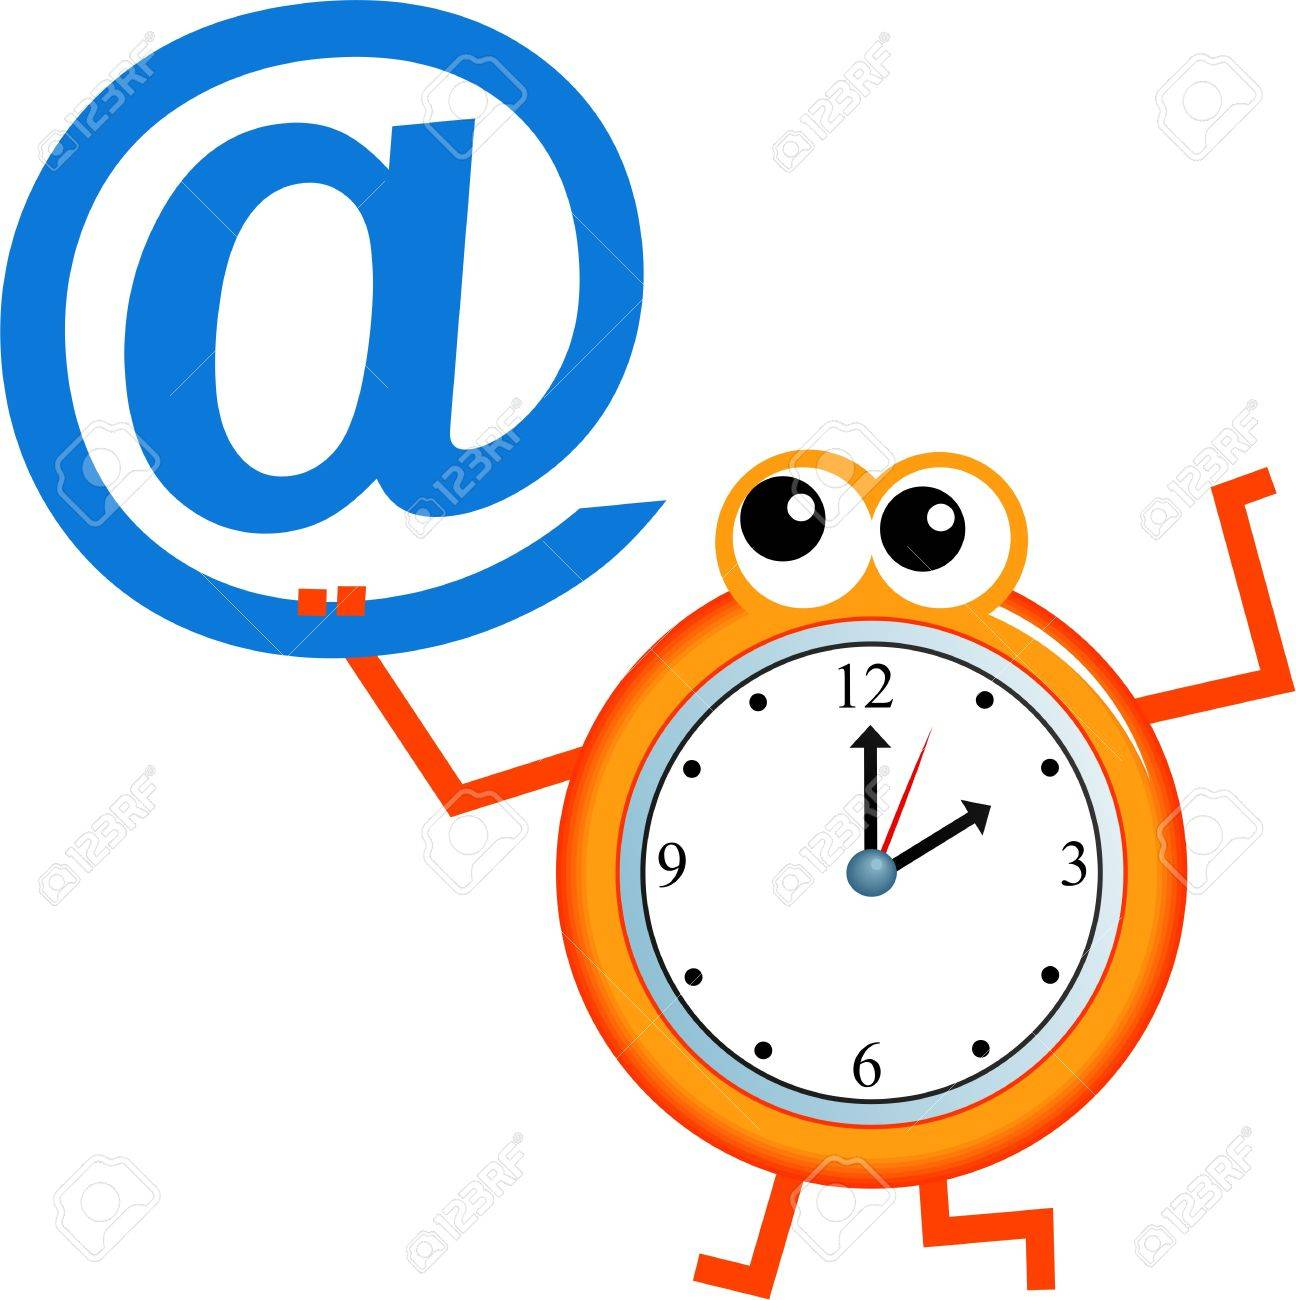 En Mensaje Cartoon Blanco Reloj Con Electrónico Símbolo Aislado De Correo Hombre Un SMVzpqU